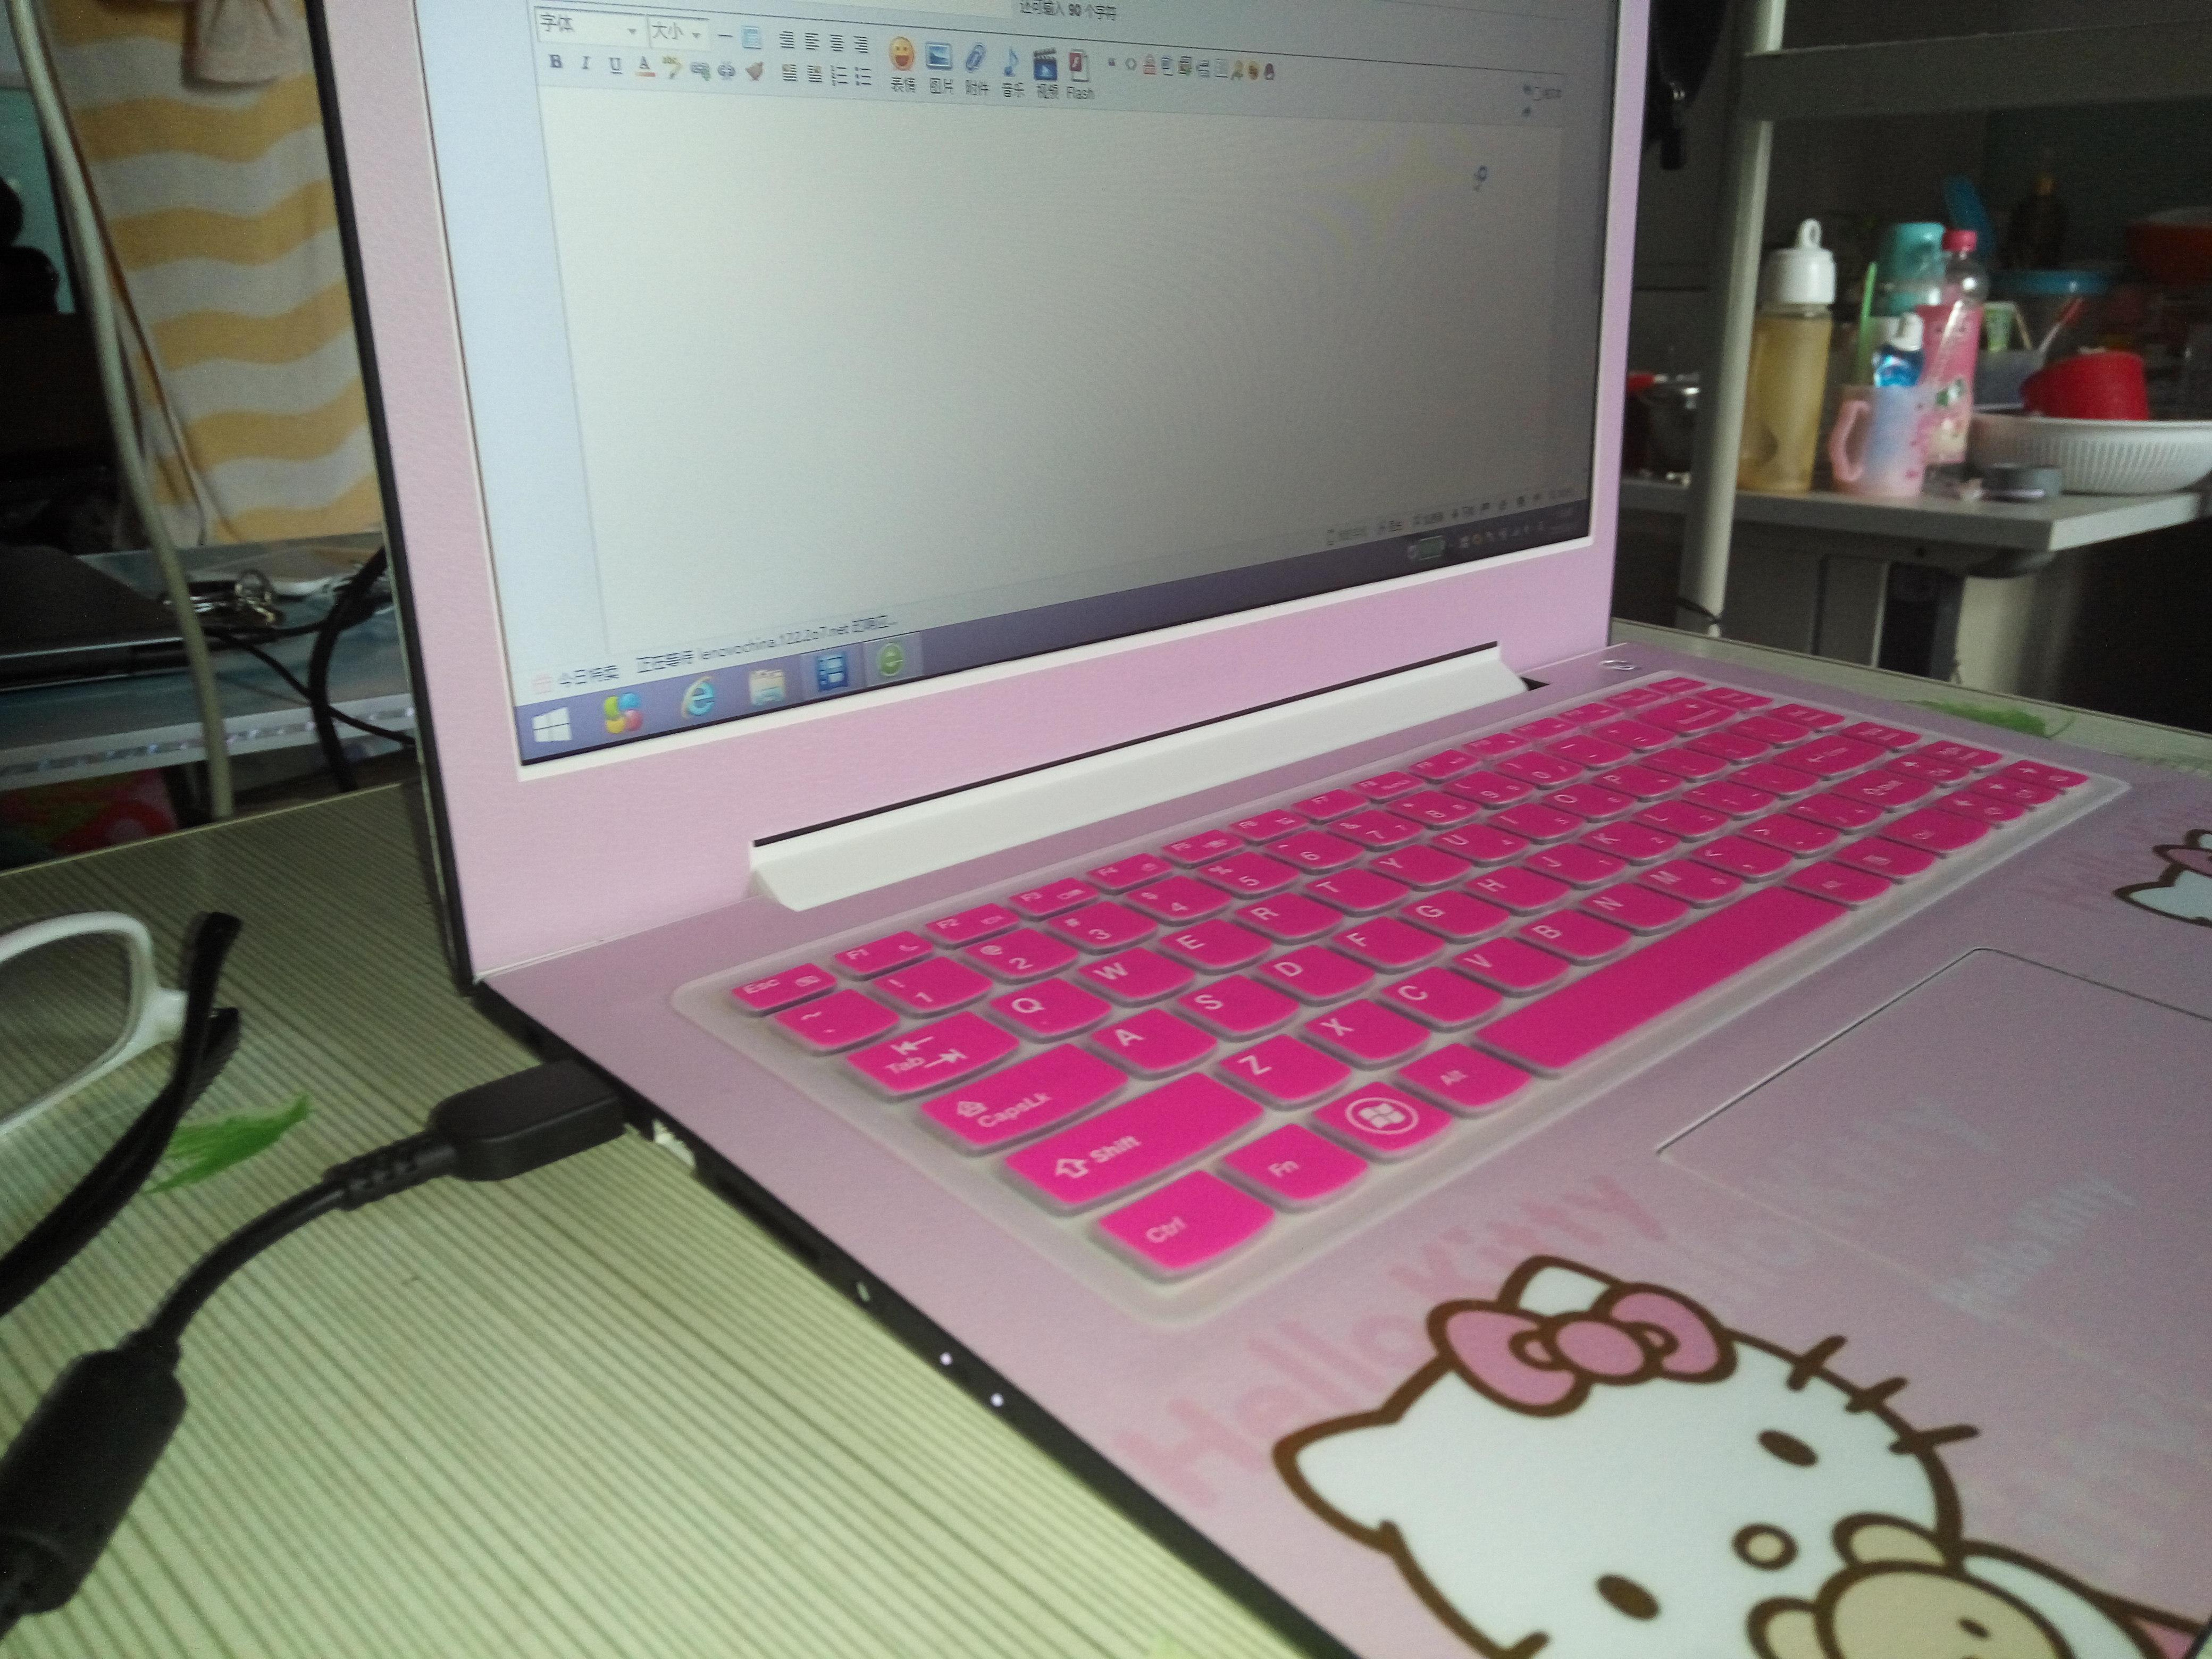 女生电脑贴膜图片素材